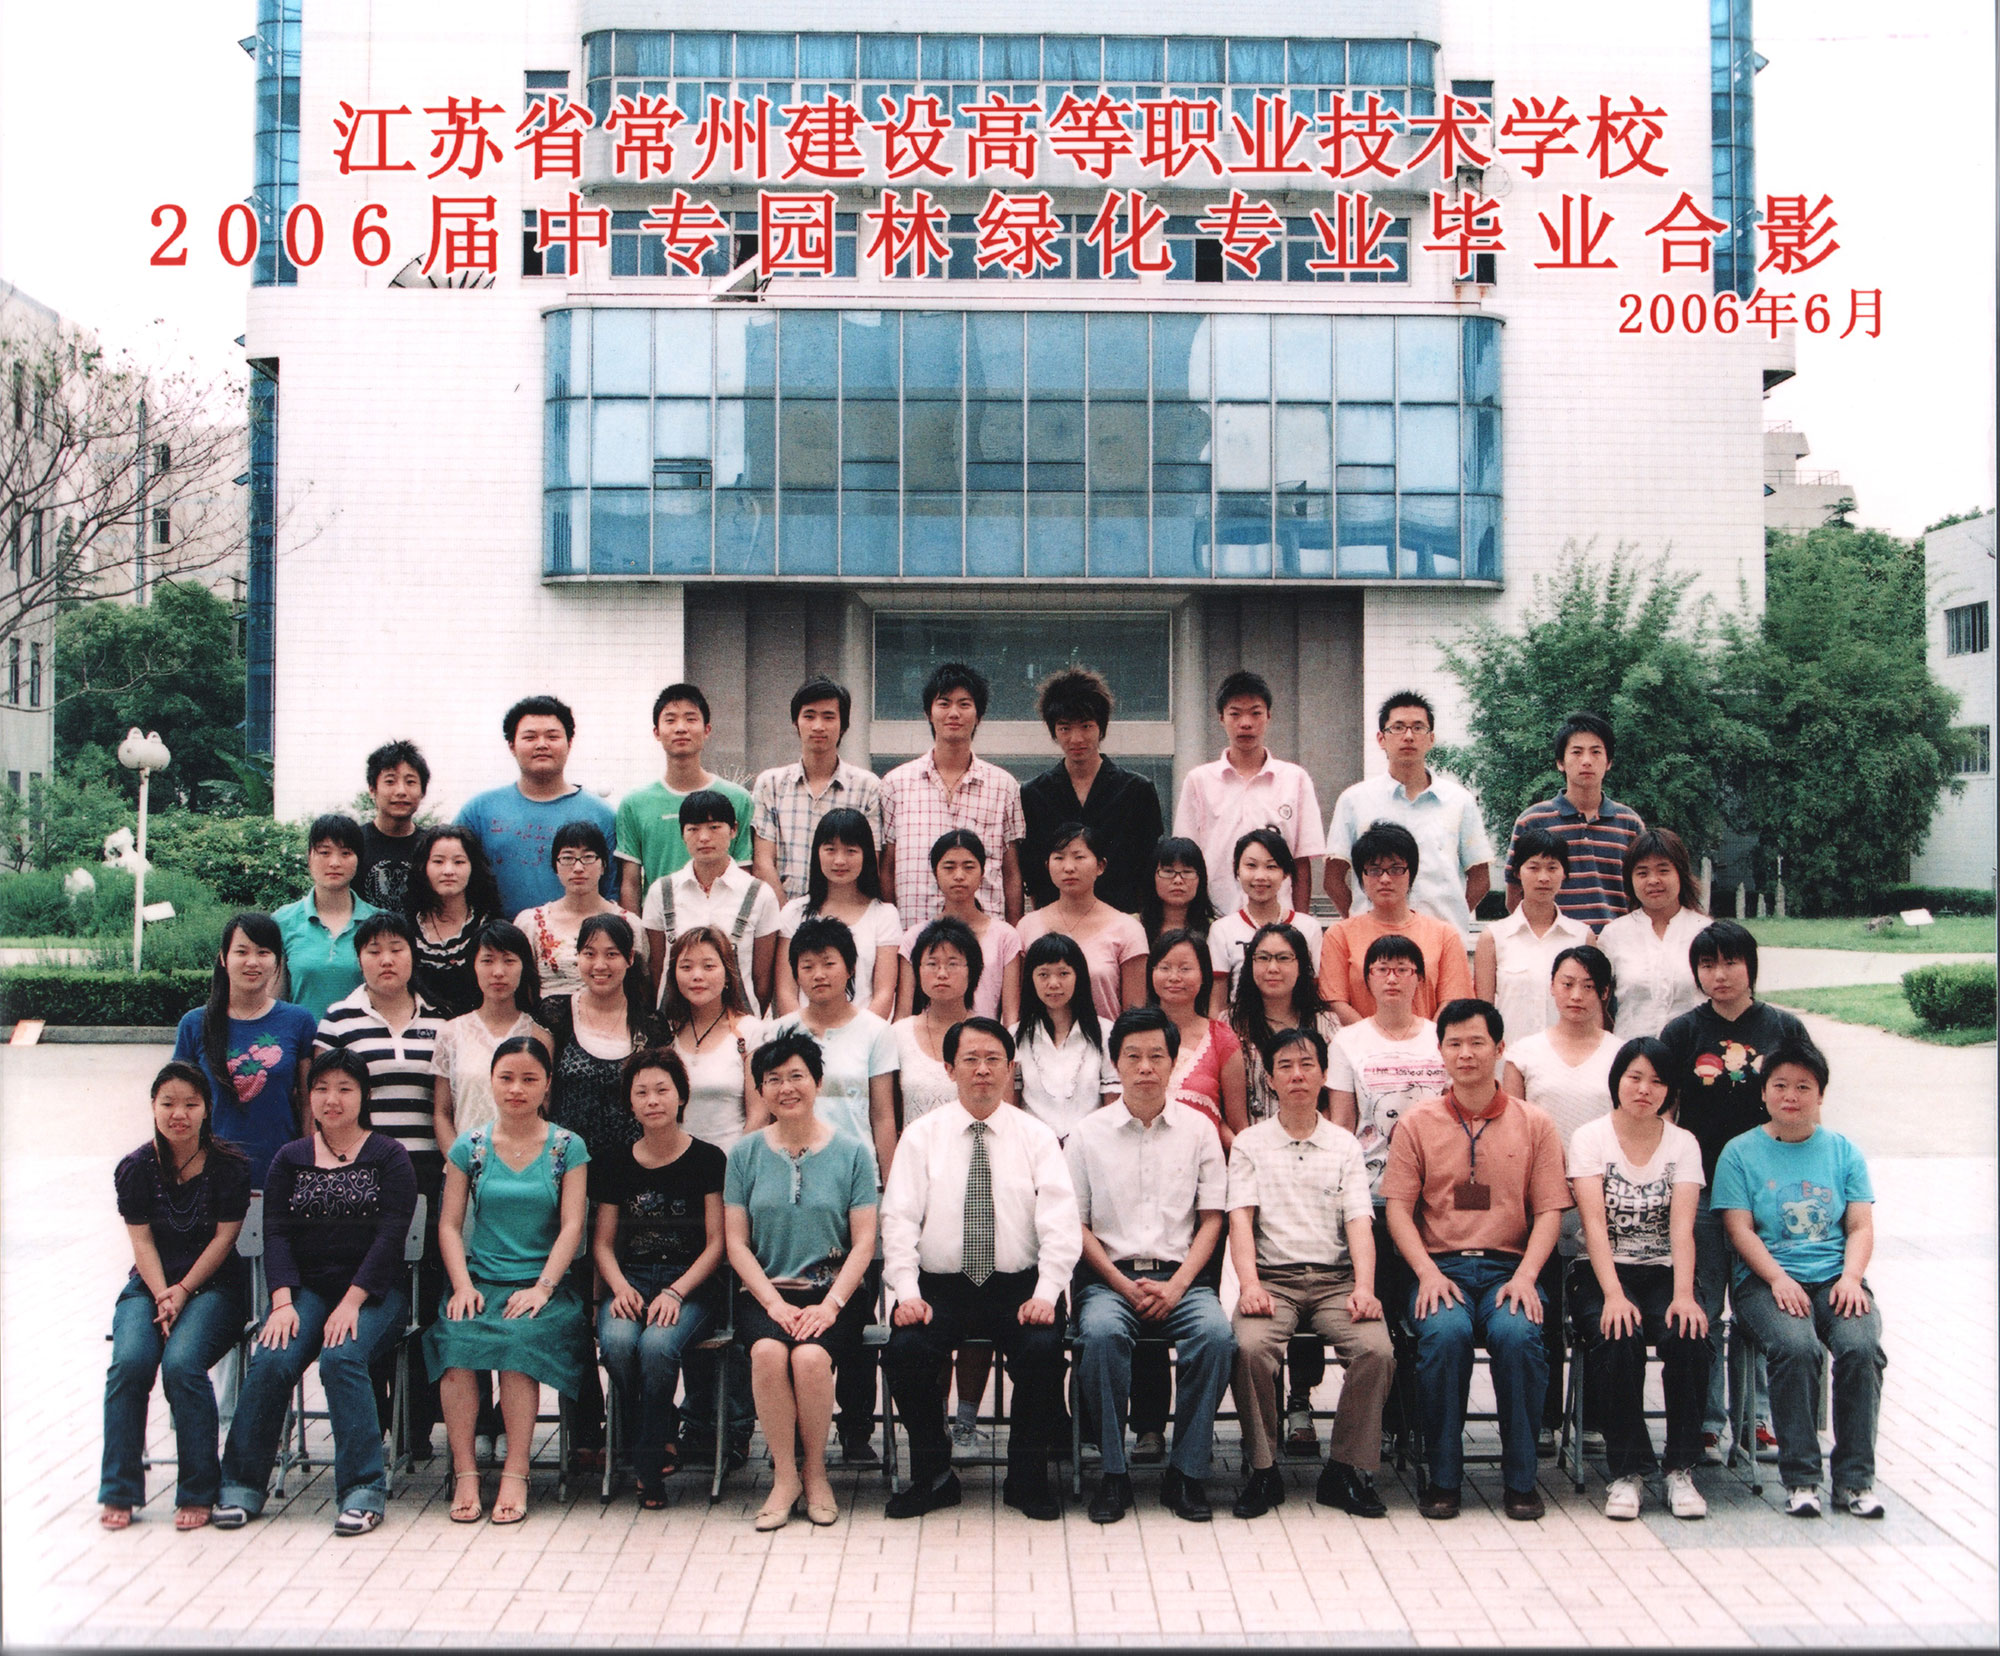 2006届中专园林绿化专业毕业合影